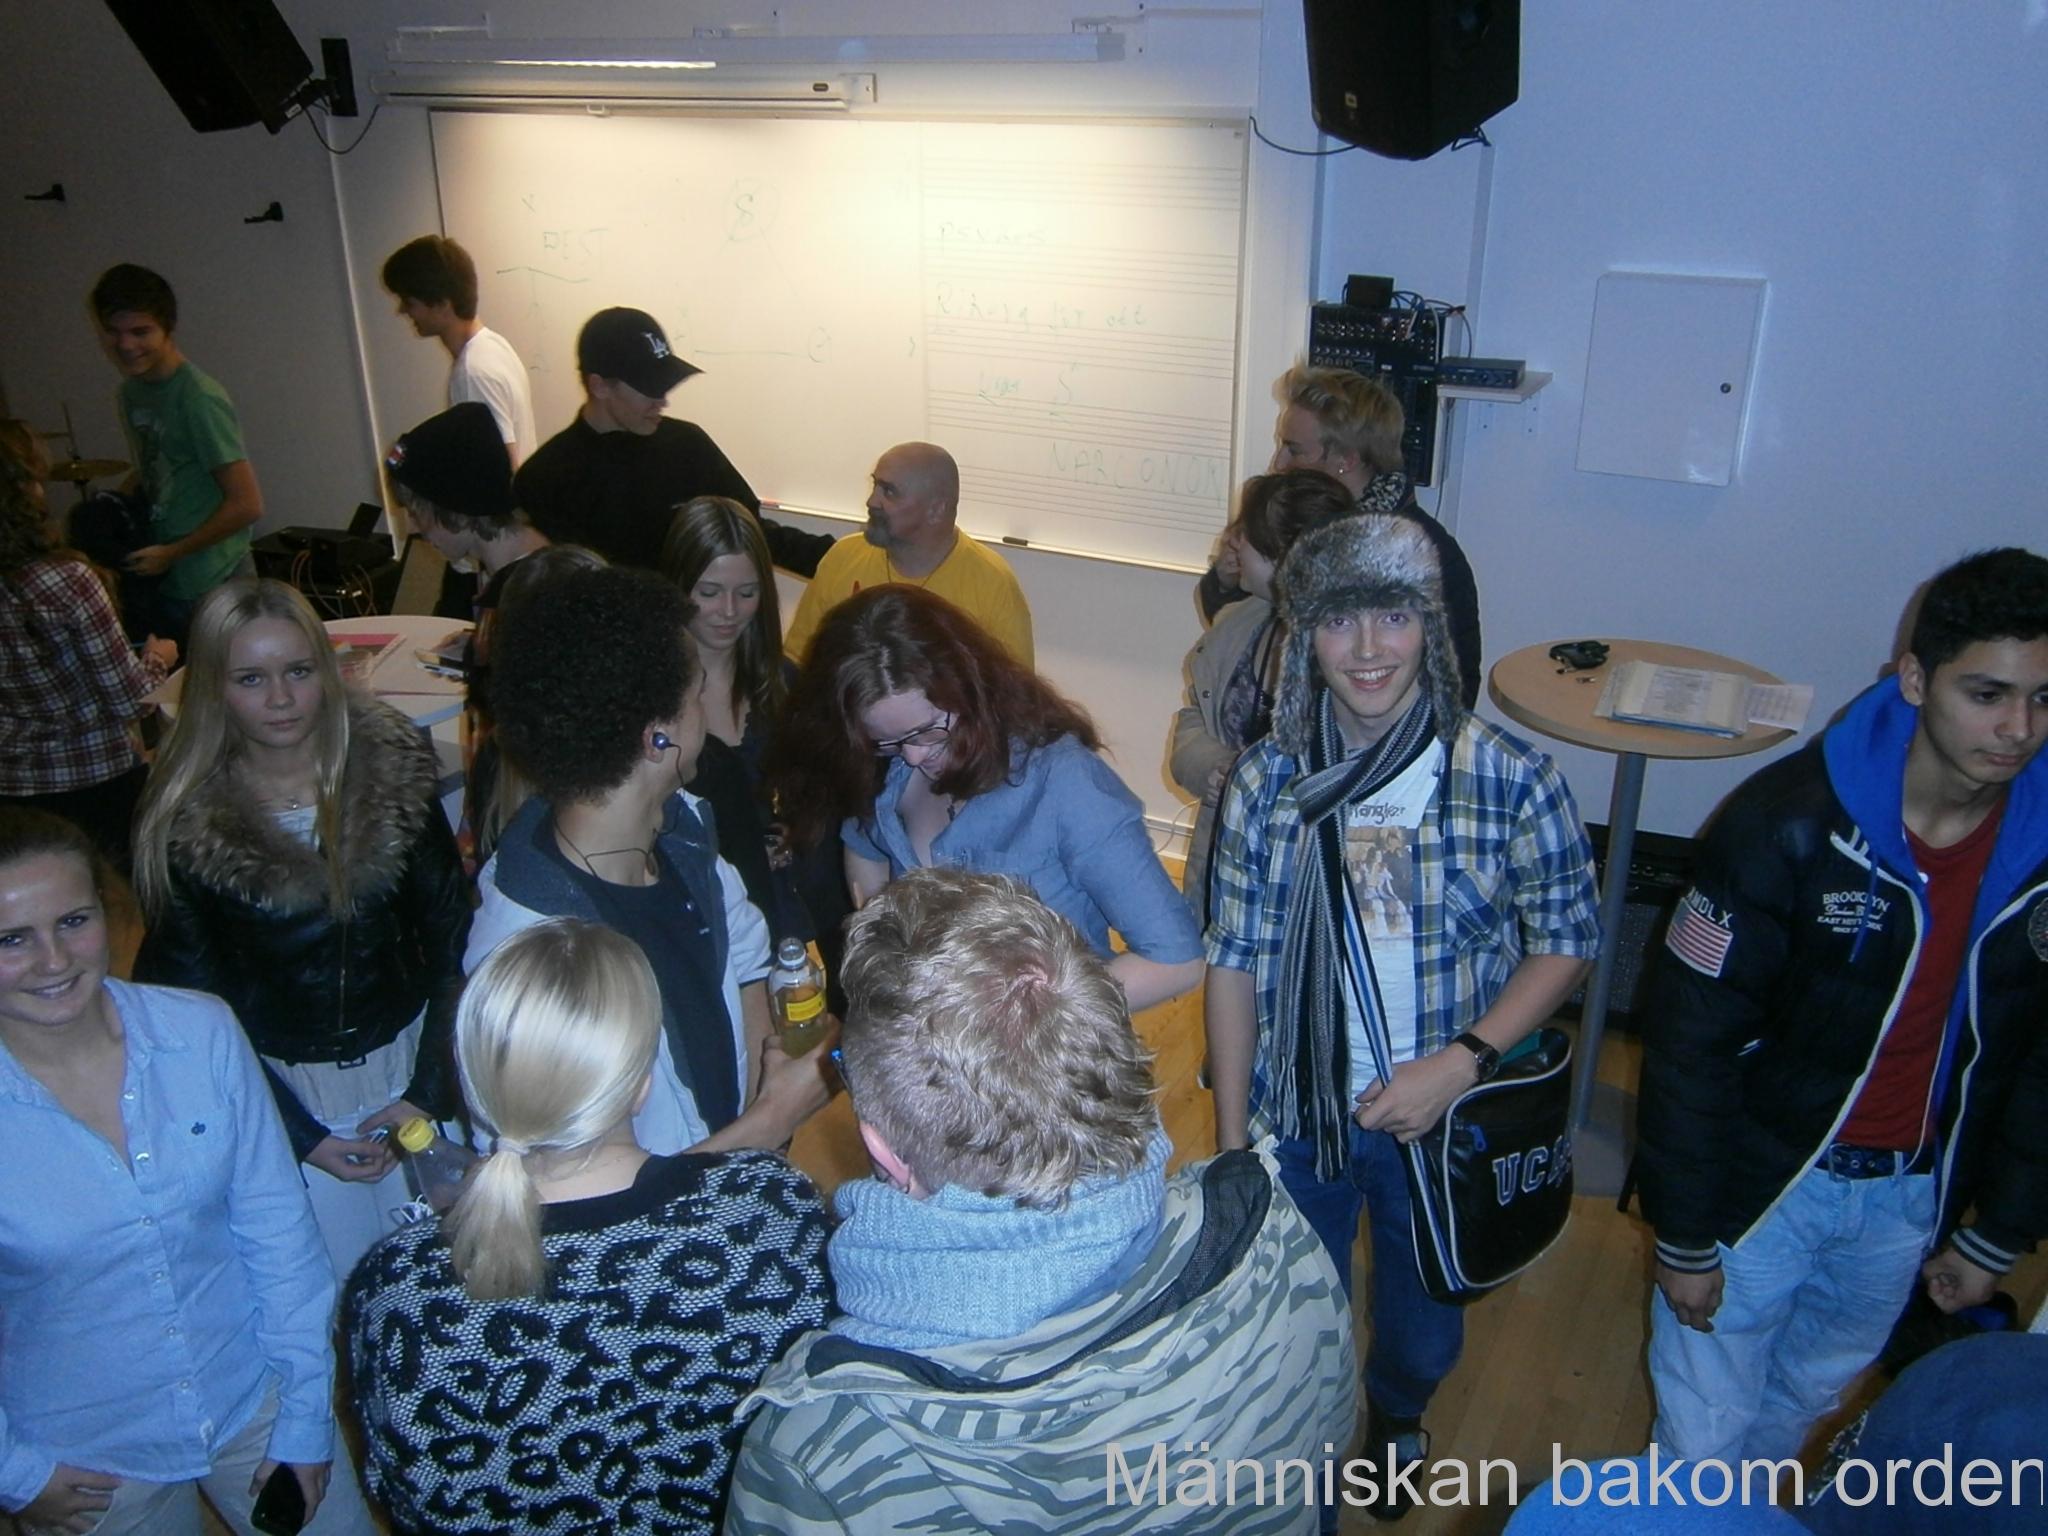 Rytmus musikgymnasium